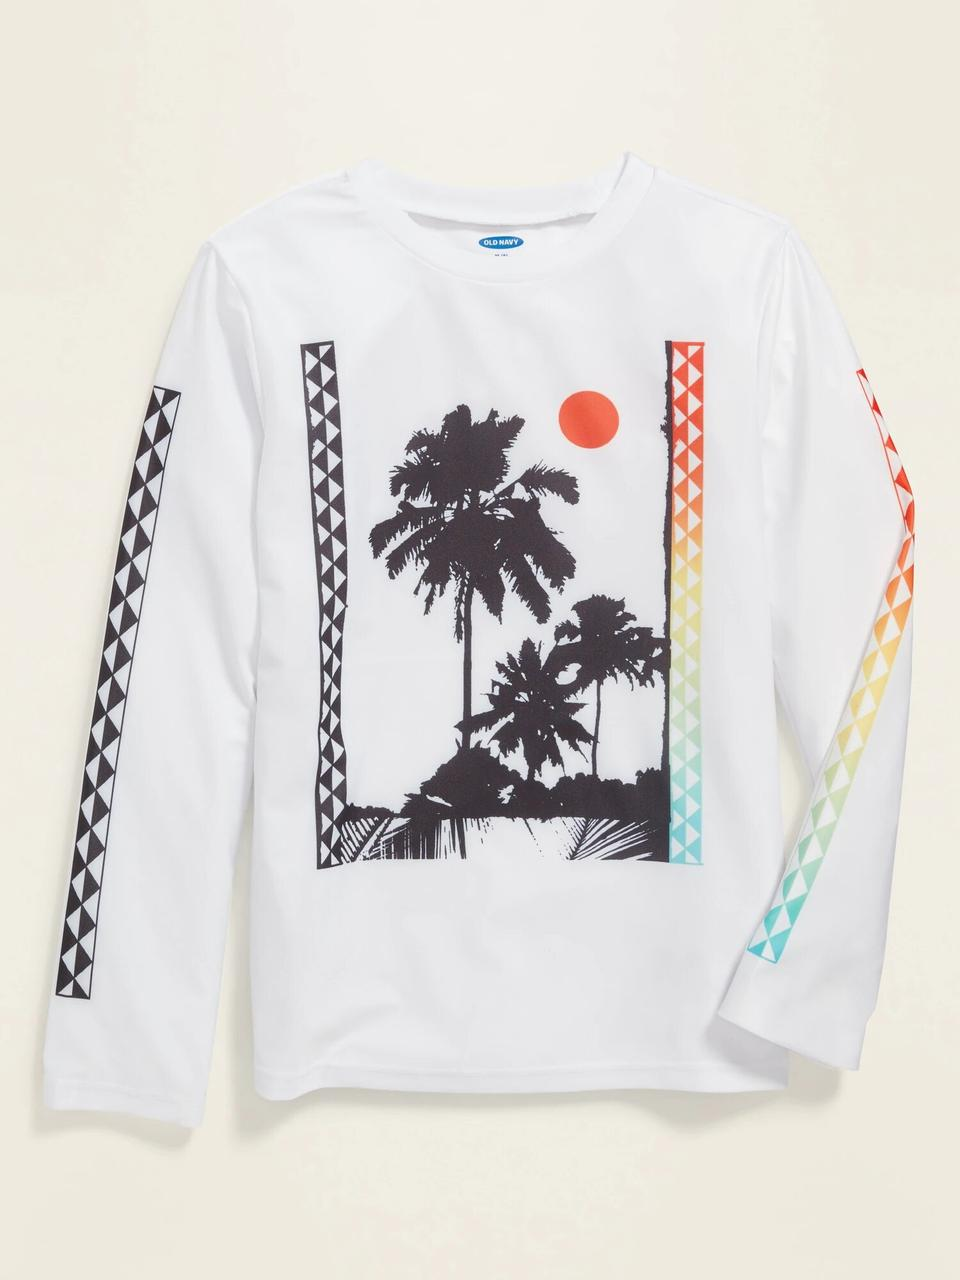 Рашгард футболка для купания с защитой от солнца Old Navy art860555 (Белый, рост 152 - 162см)